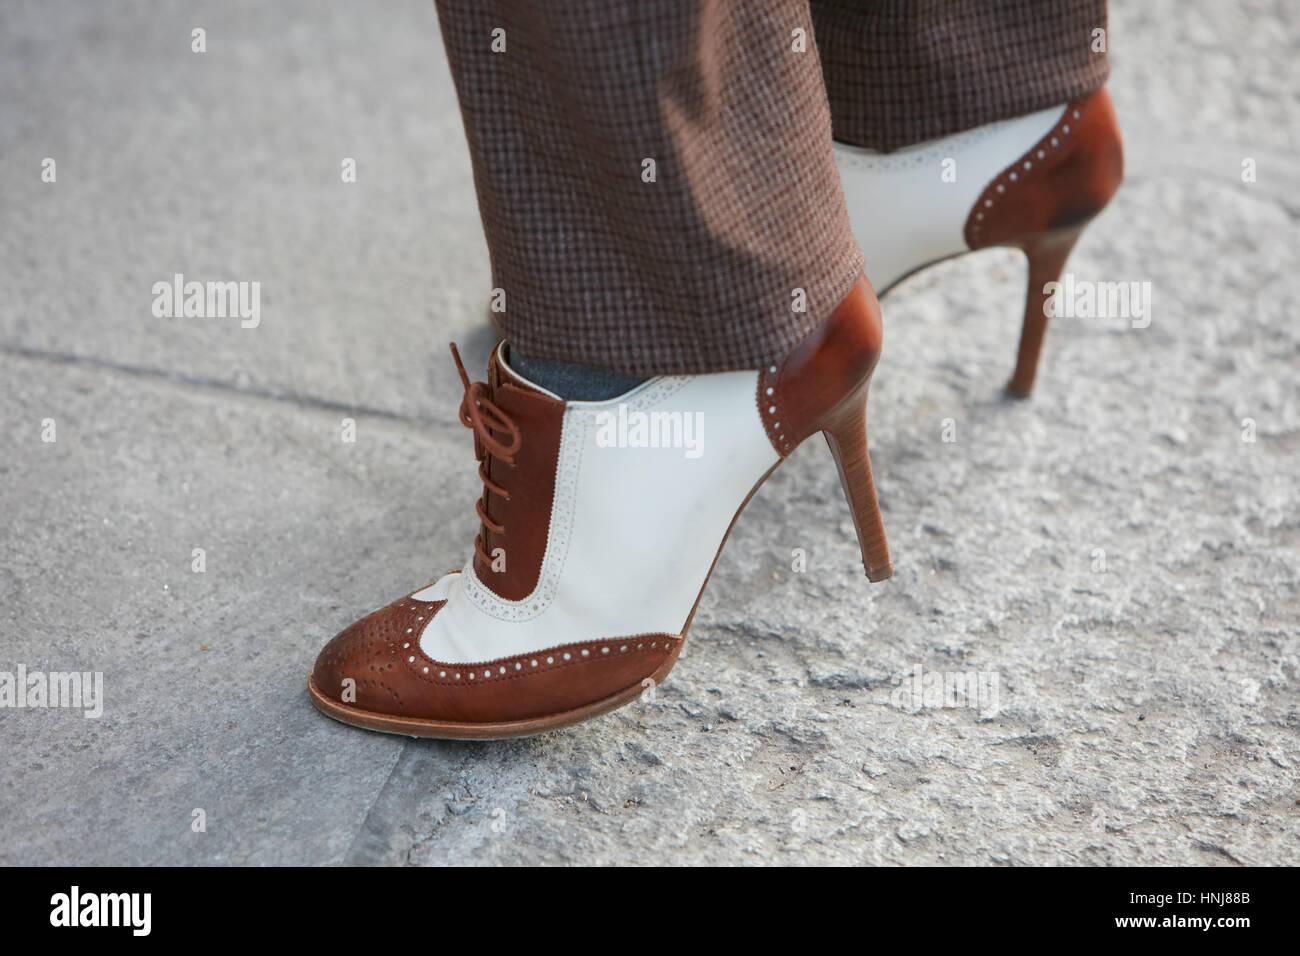 42e97108918 Femme avec talon haut en cuir brun et blanc anglais chaussures avant de  Giorgio Armani fashion